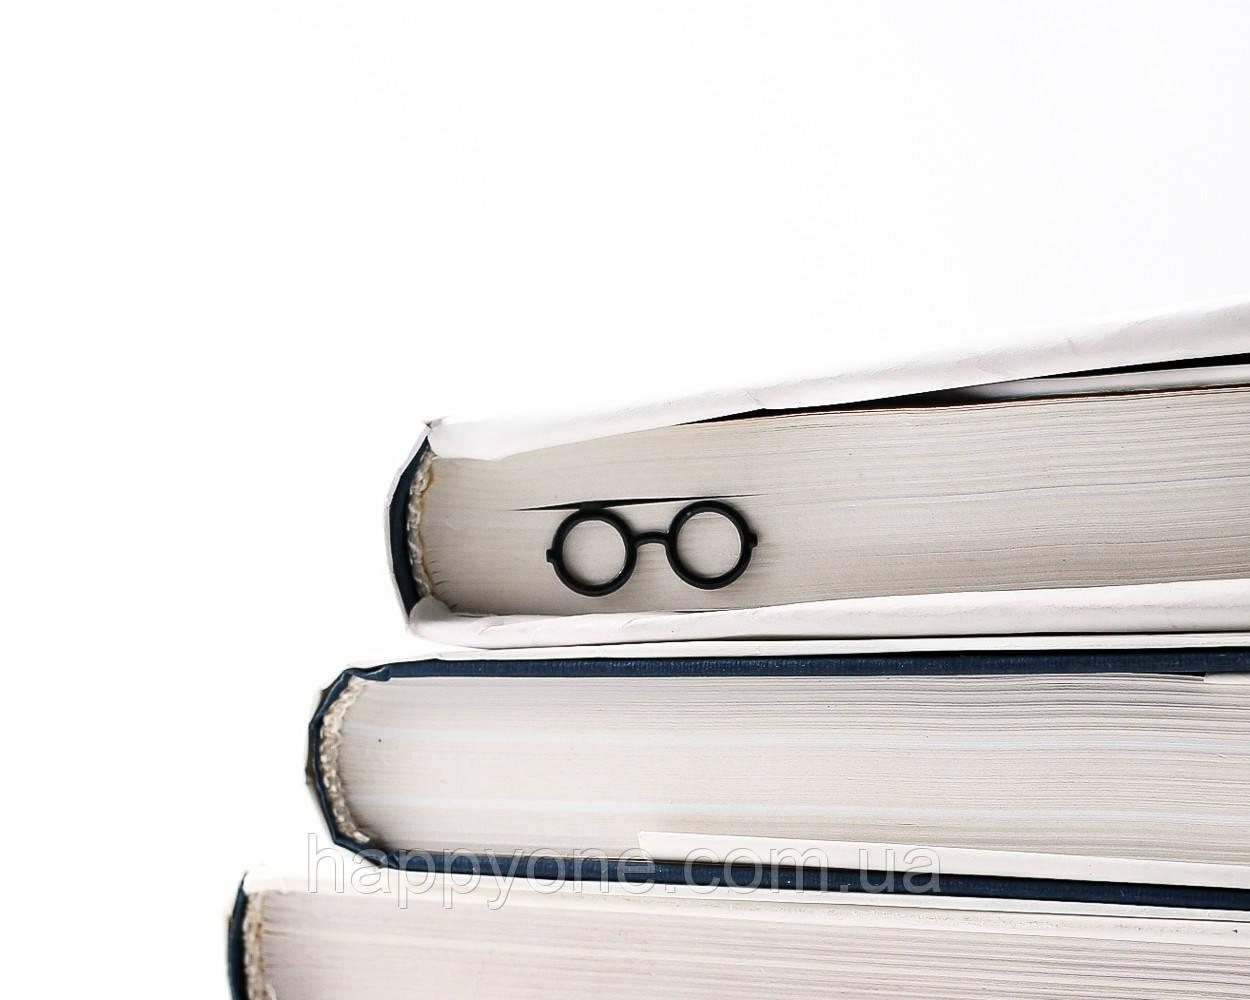 Закладка для книг Очки Гарри Поттера